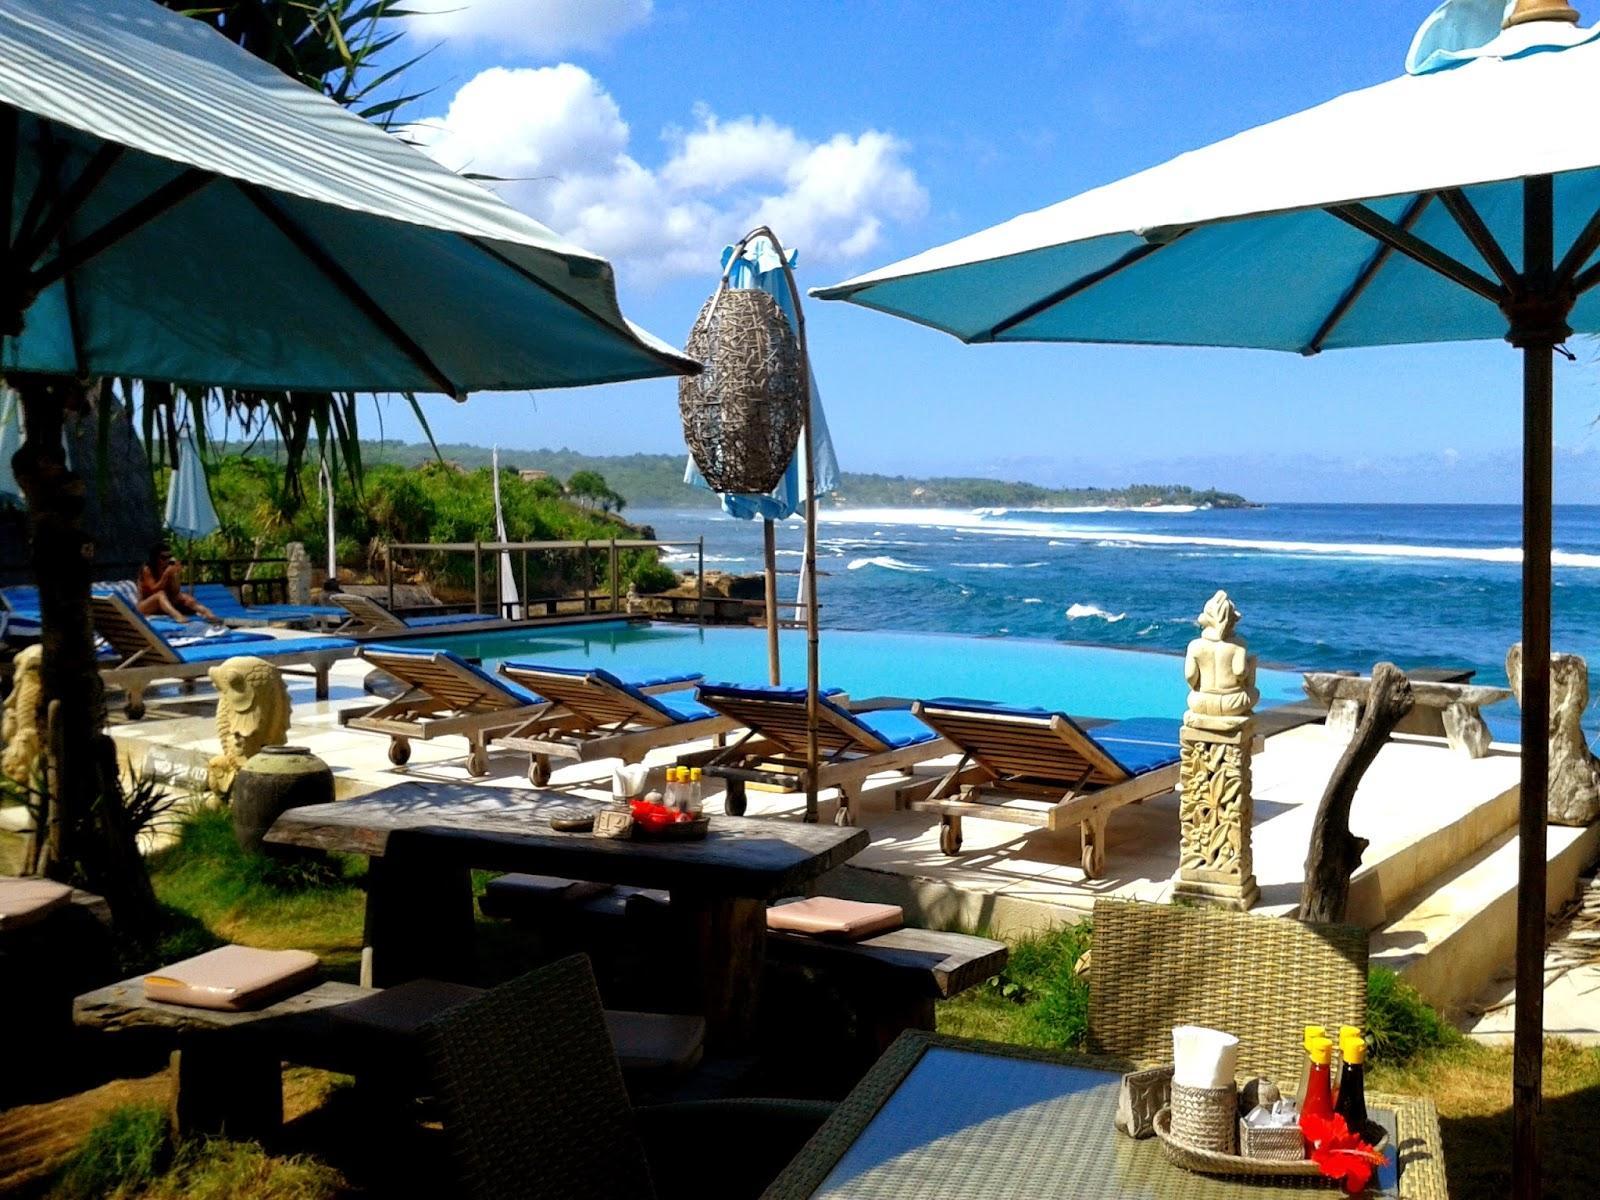 Villa Dream Beach Huts Bali